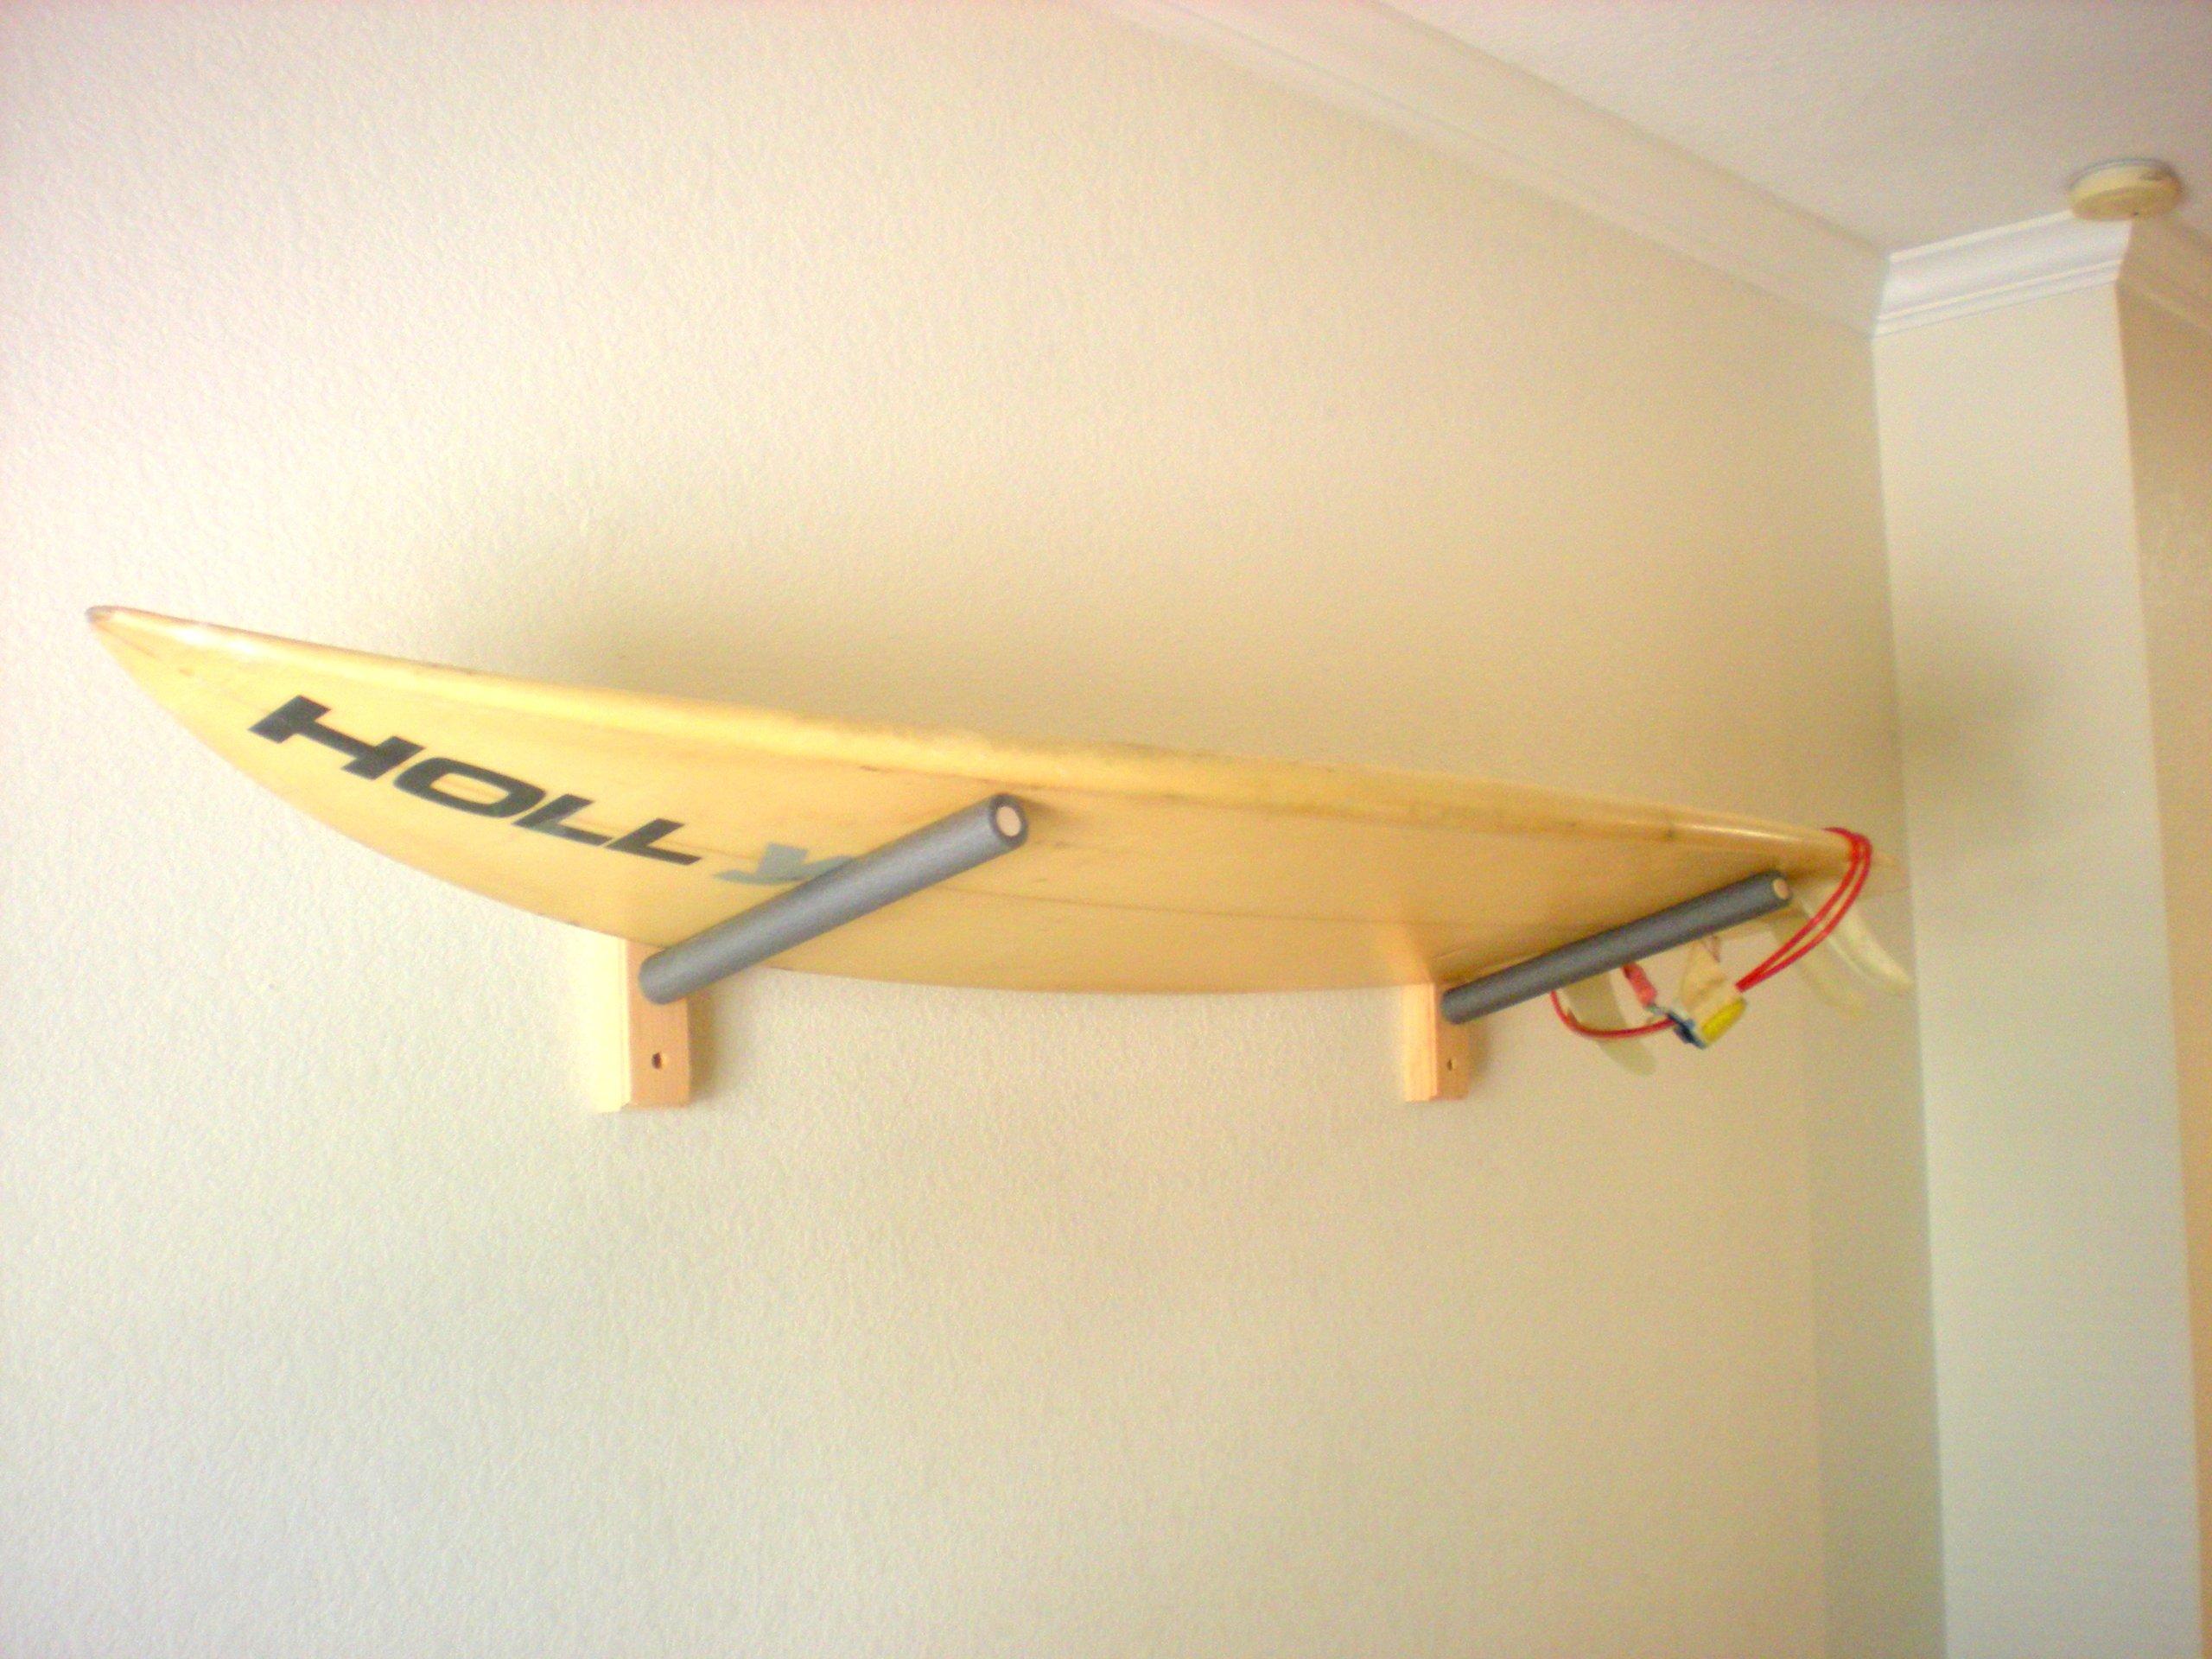 Surfboard Wakeboard Wall Rack Mount - Holds 1 Board